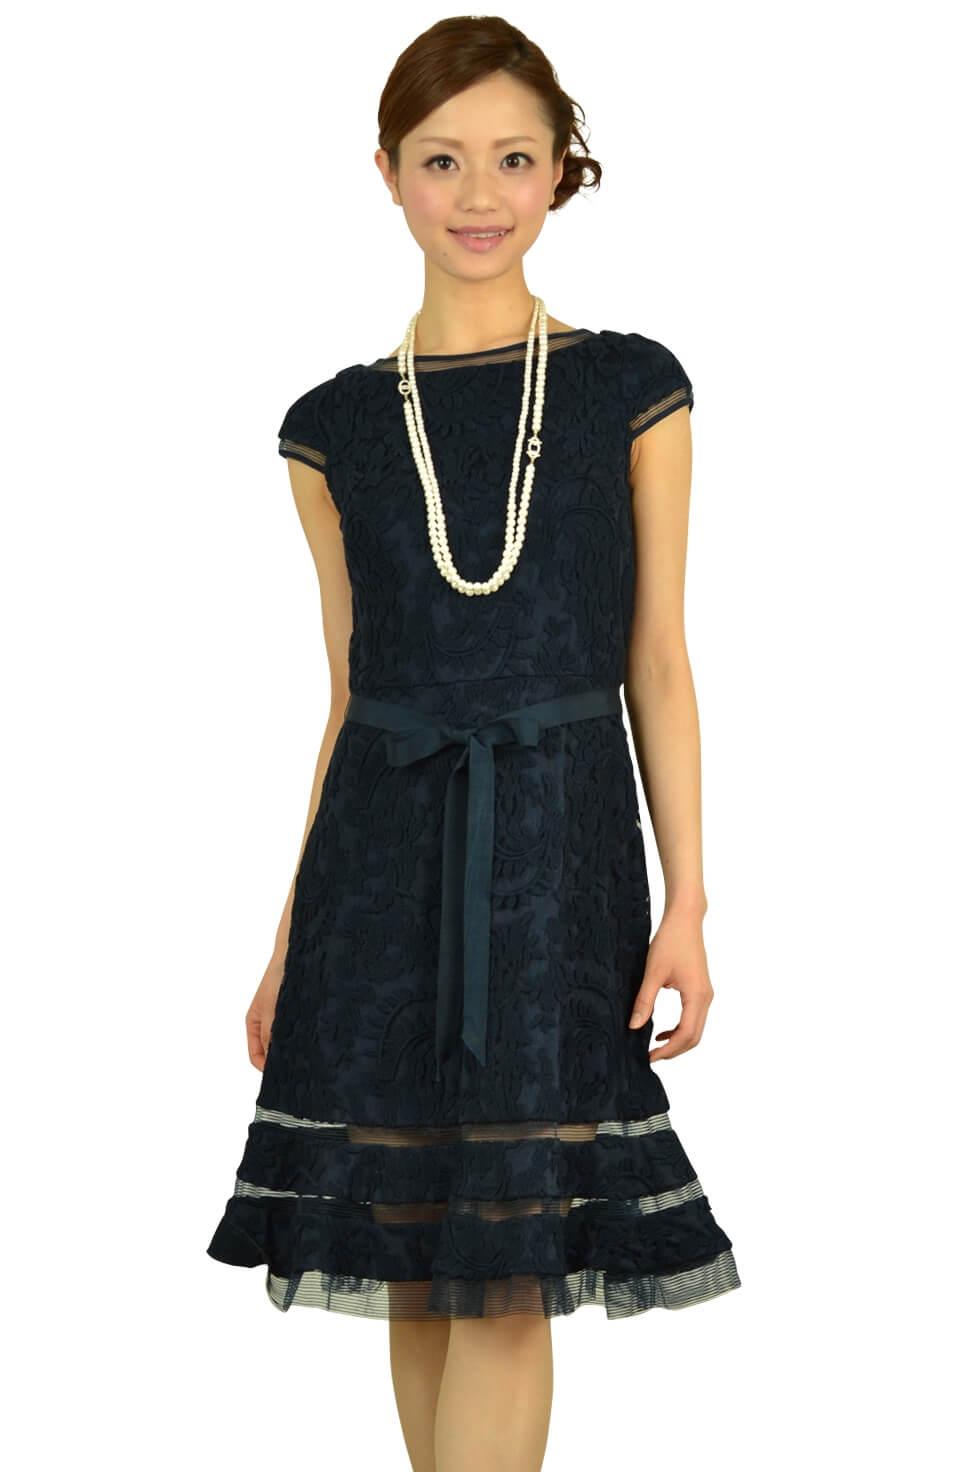 アドリアナパペル (Adrianna Papell)ネイビーミニ袖柄ドレス